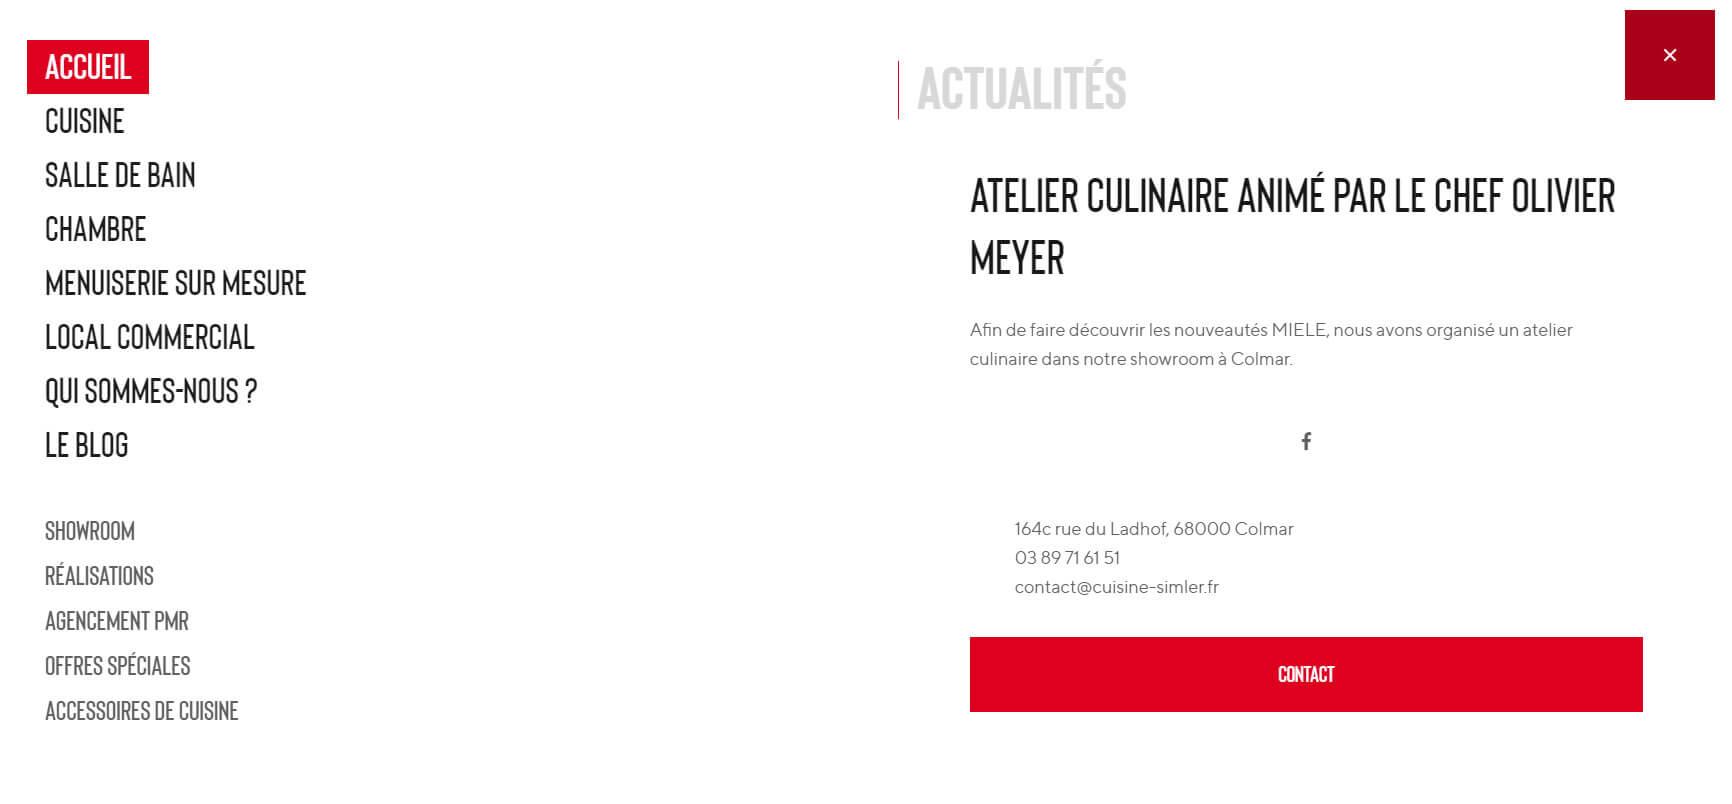 Menu du site internet de Cuisine Simler René